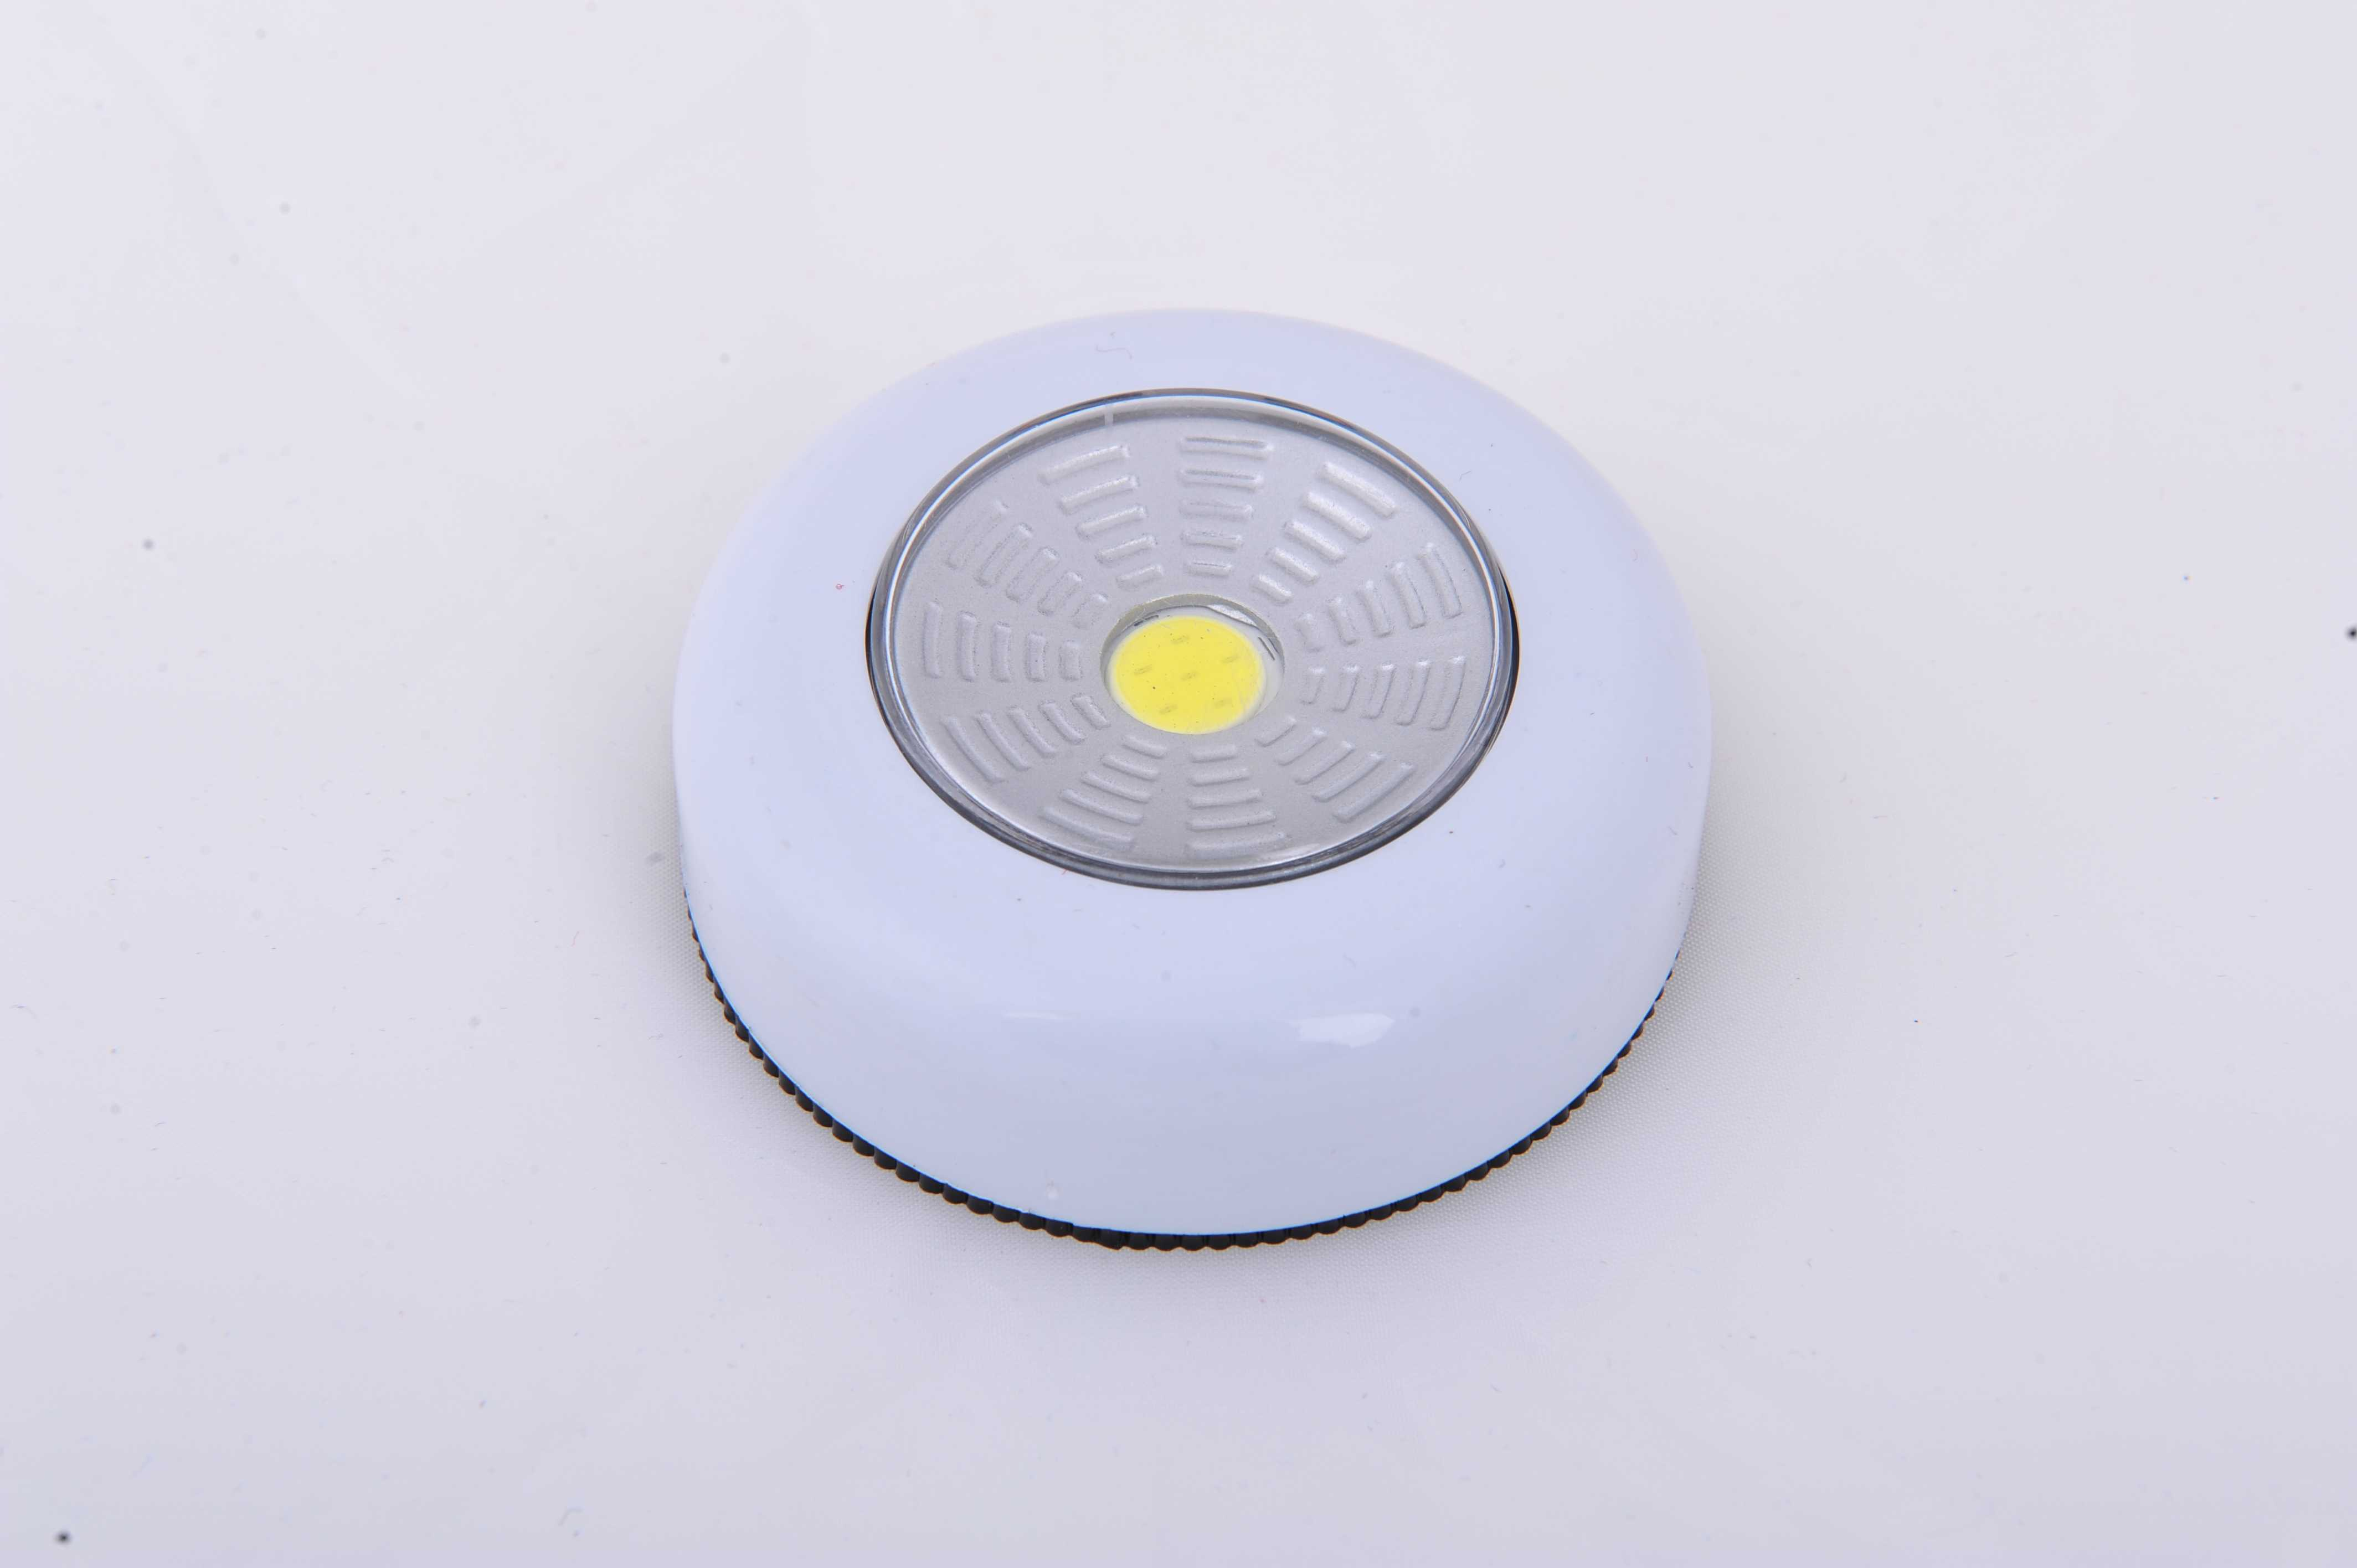 COB светодиодный сенсорный светильник для шкафа с питанием от батареи Ночник кухонный шкаф лампа-кнопка для шкафа